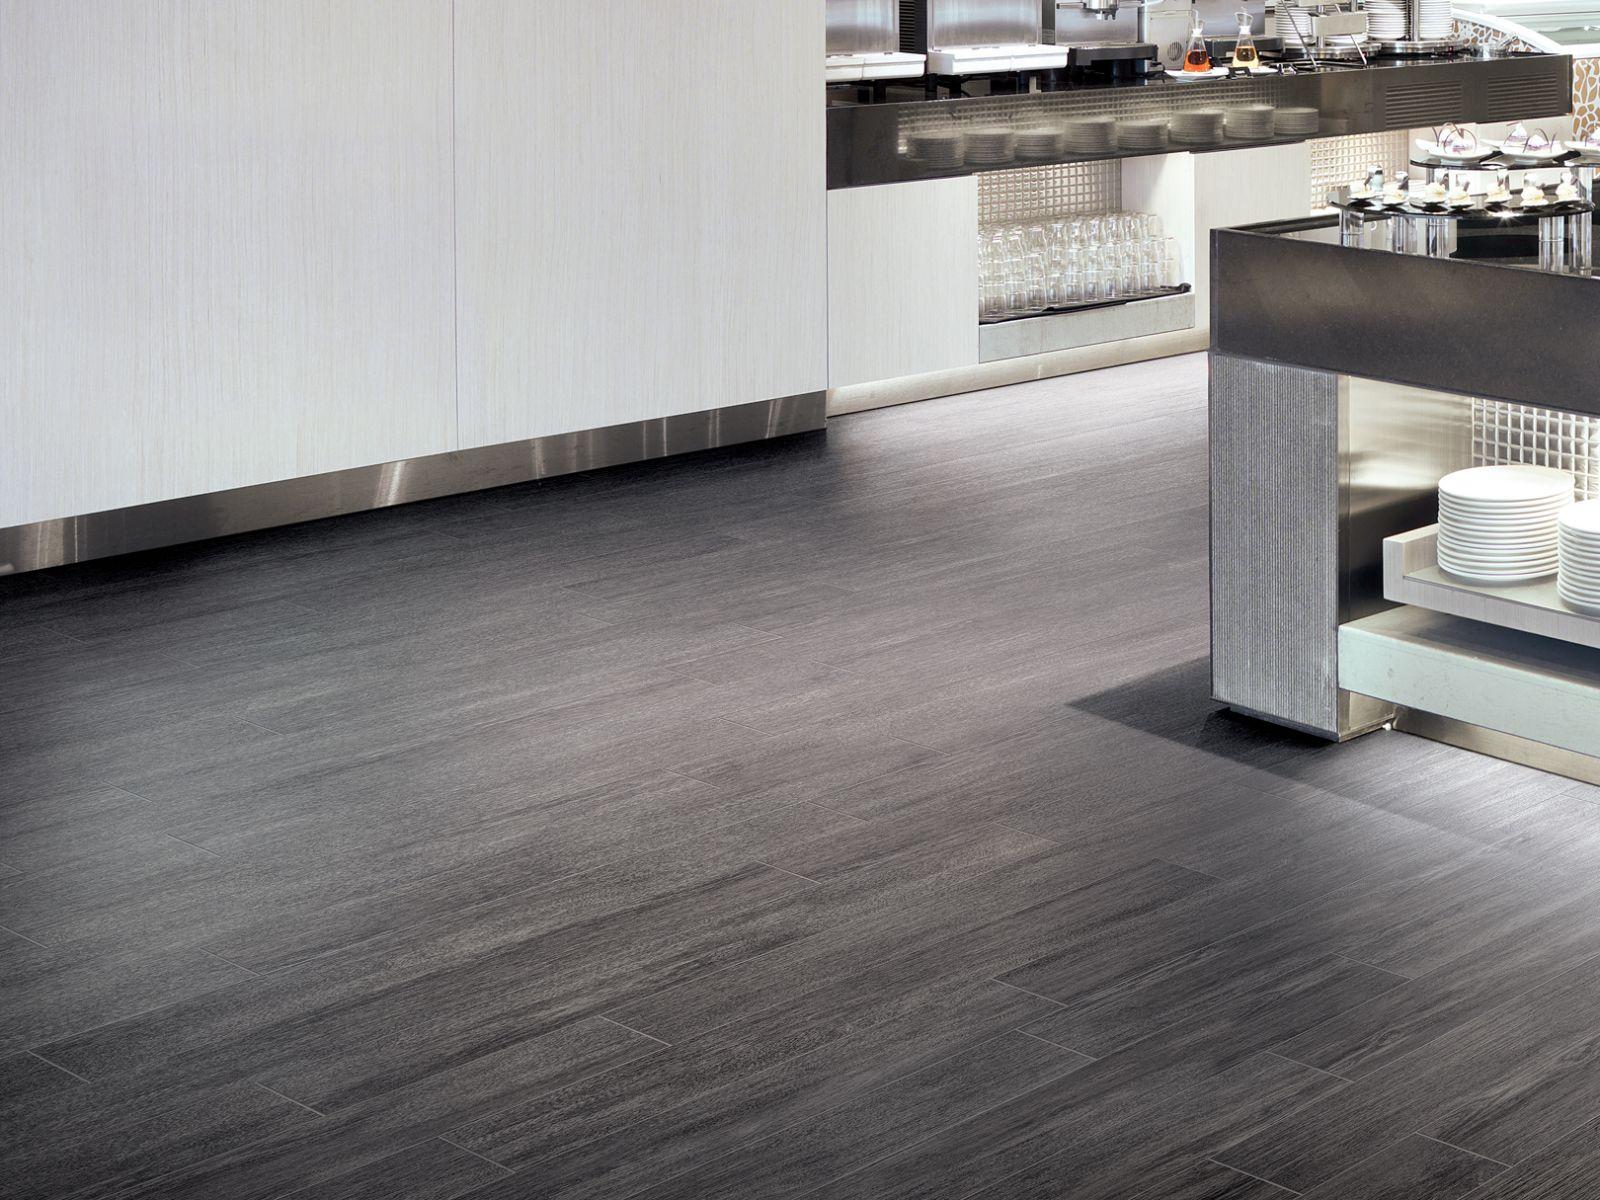 Bodenbeläge holz  Bodenbelag aus Feinsteinzeug mit Holz-Effekt TRAIL By Ceramiche Refin